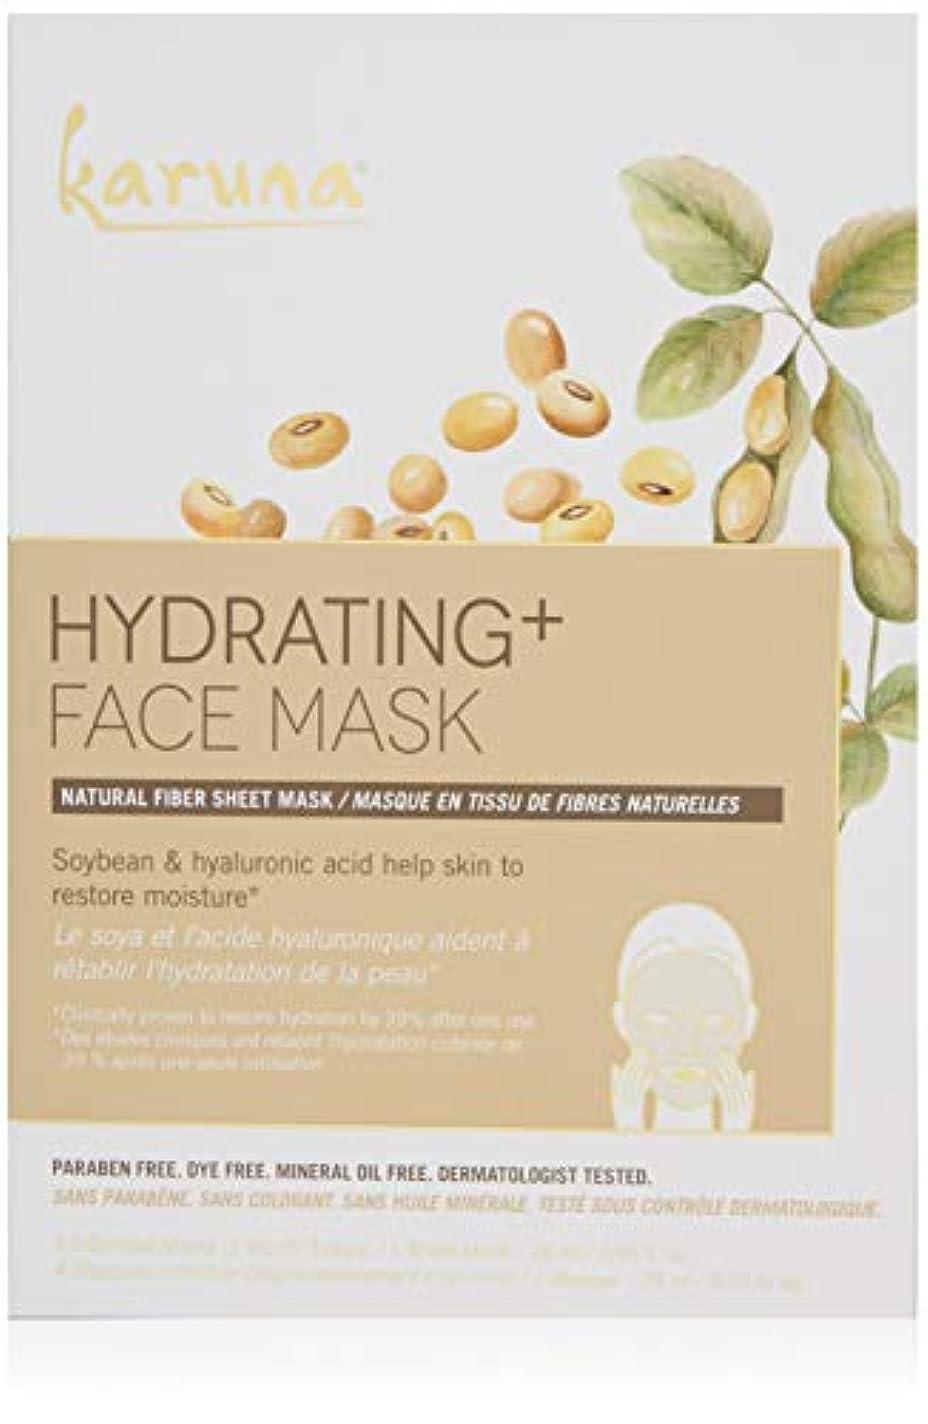 信条黒混乱したKaruna Hydrating+ Face Mask 4sheets並行輸入品